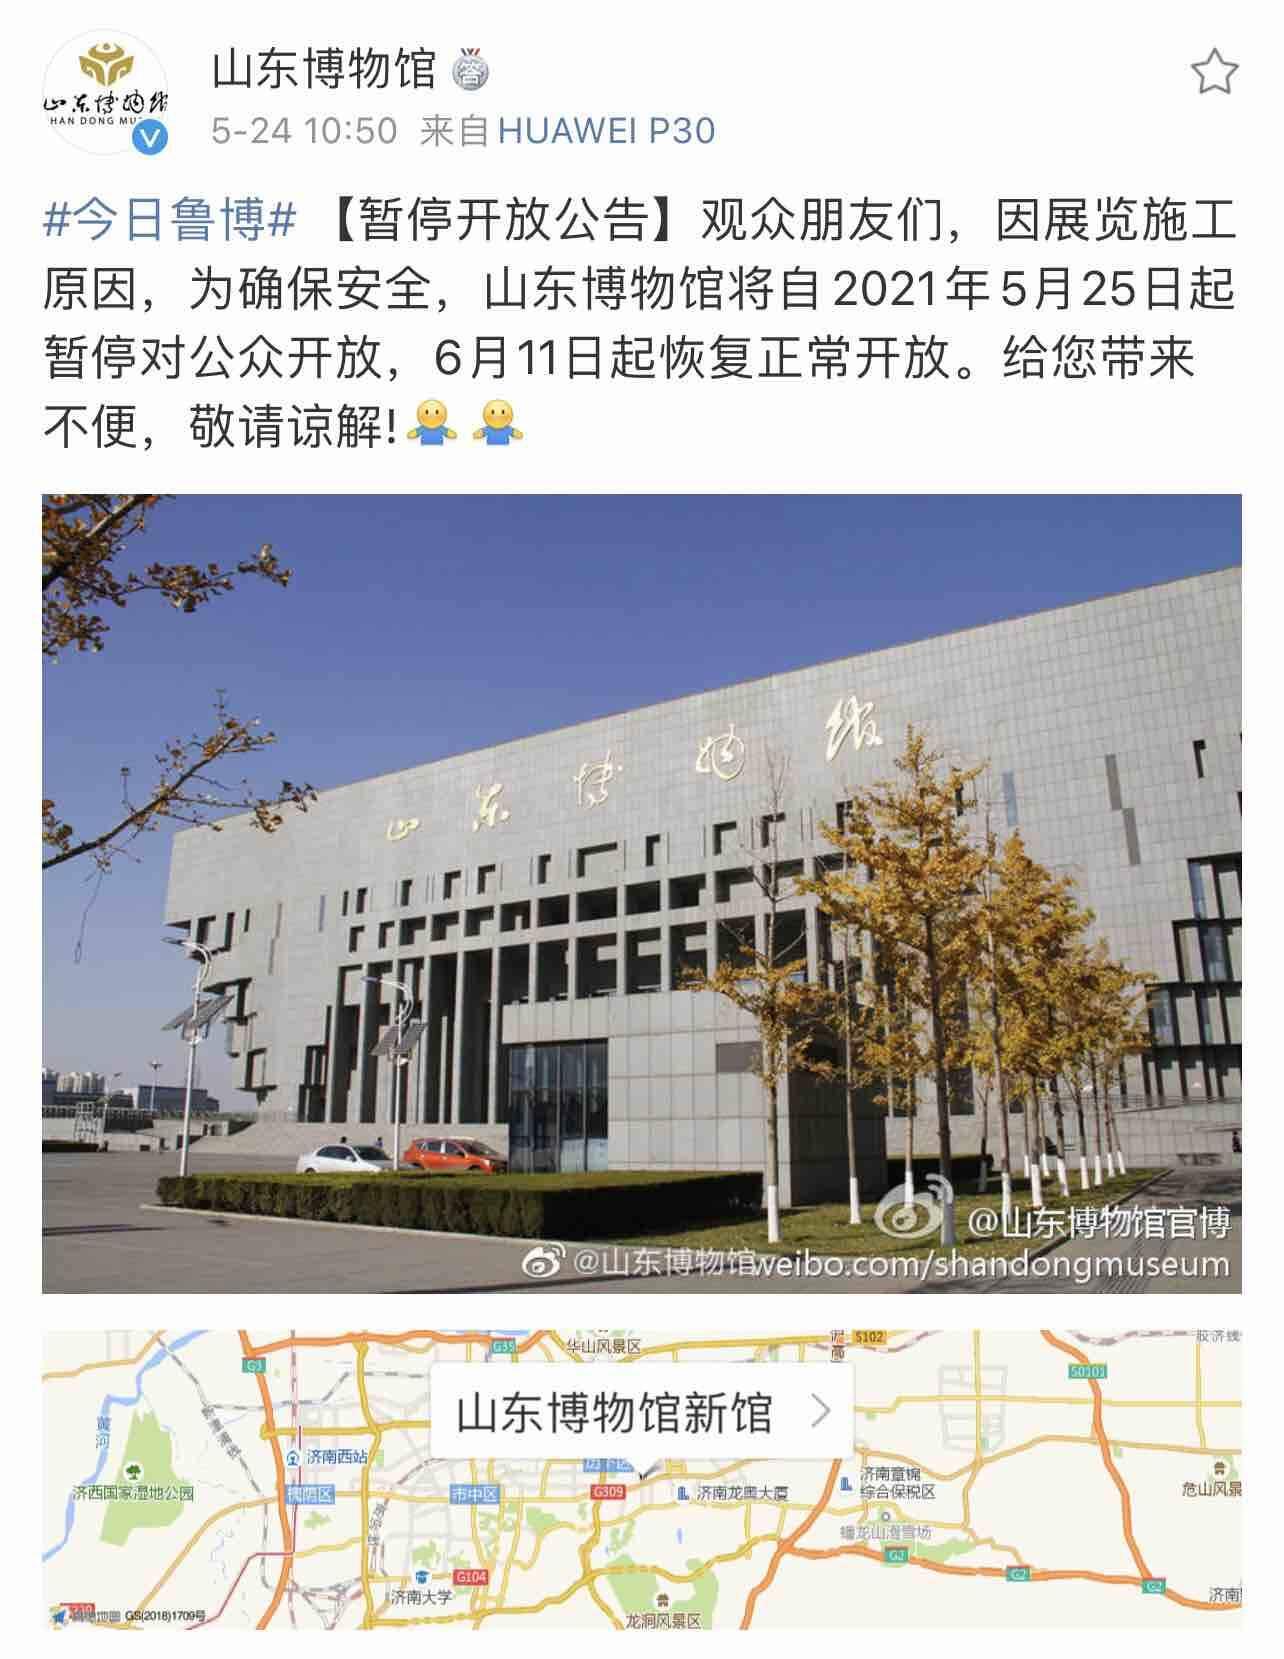 山东博物馆自5月25日起暂停对公众开放,6月11日起恢复正常开放